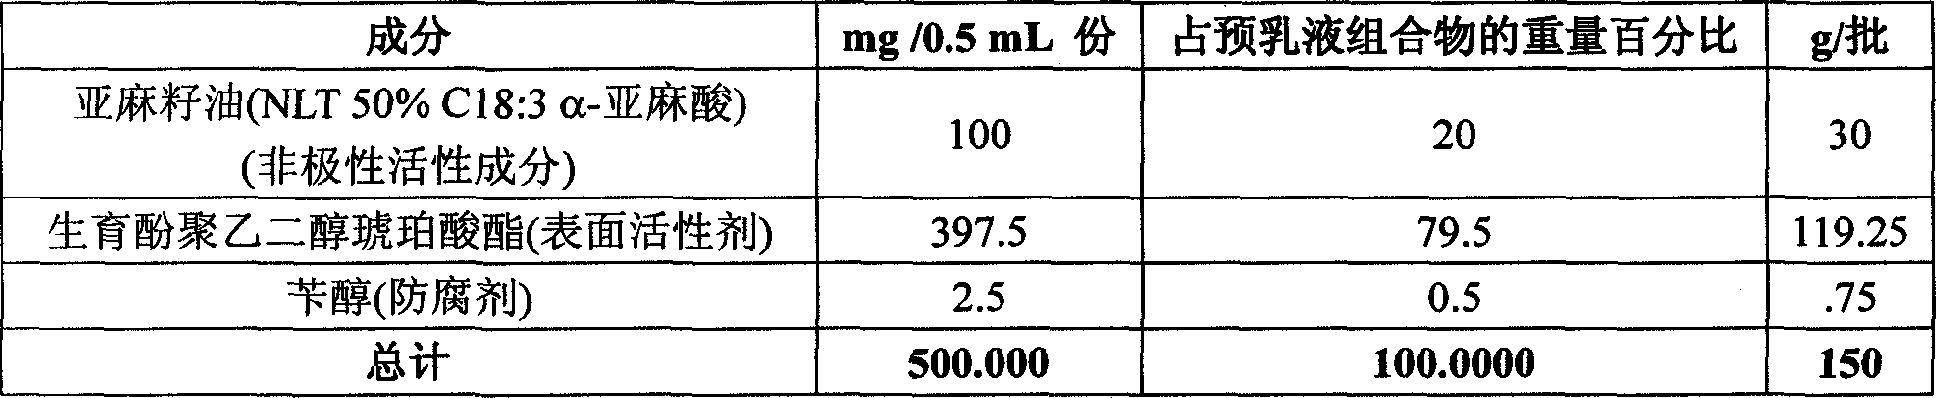 Figure CN102036661BD00853